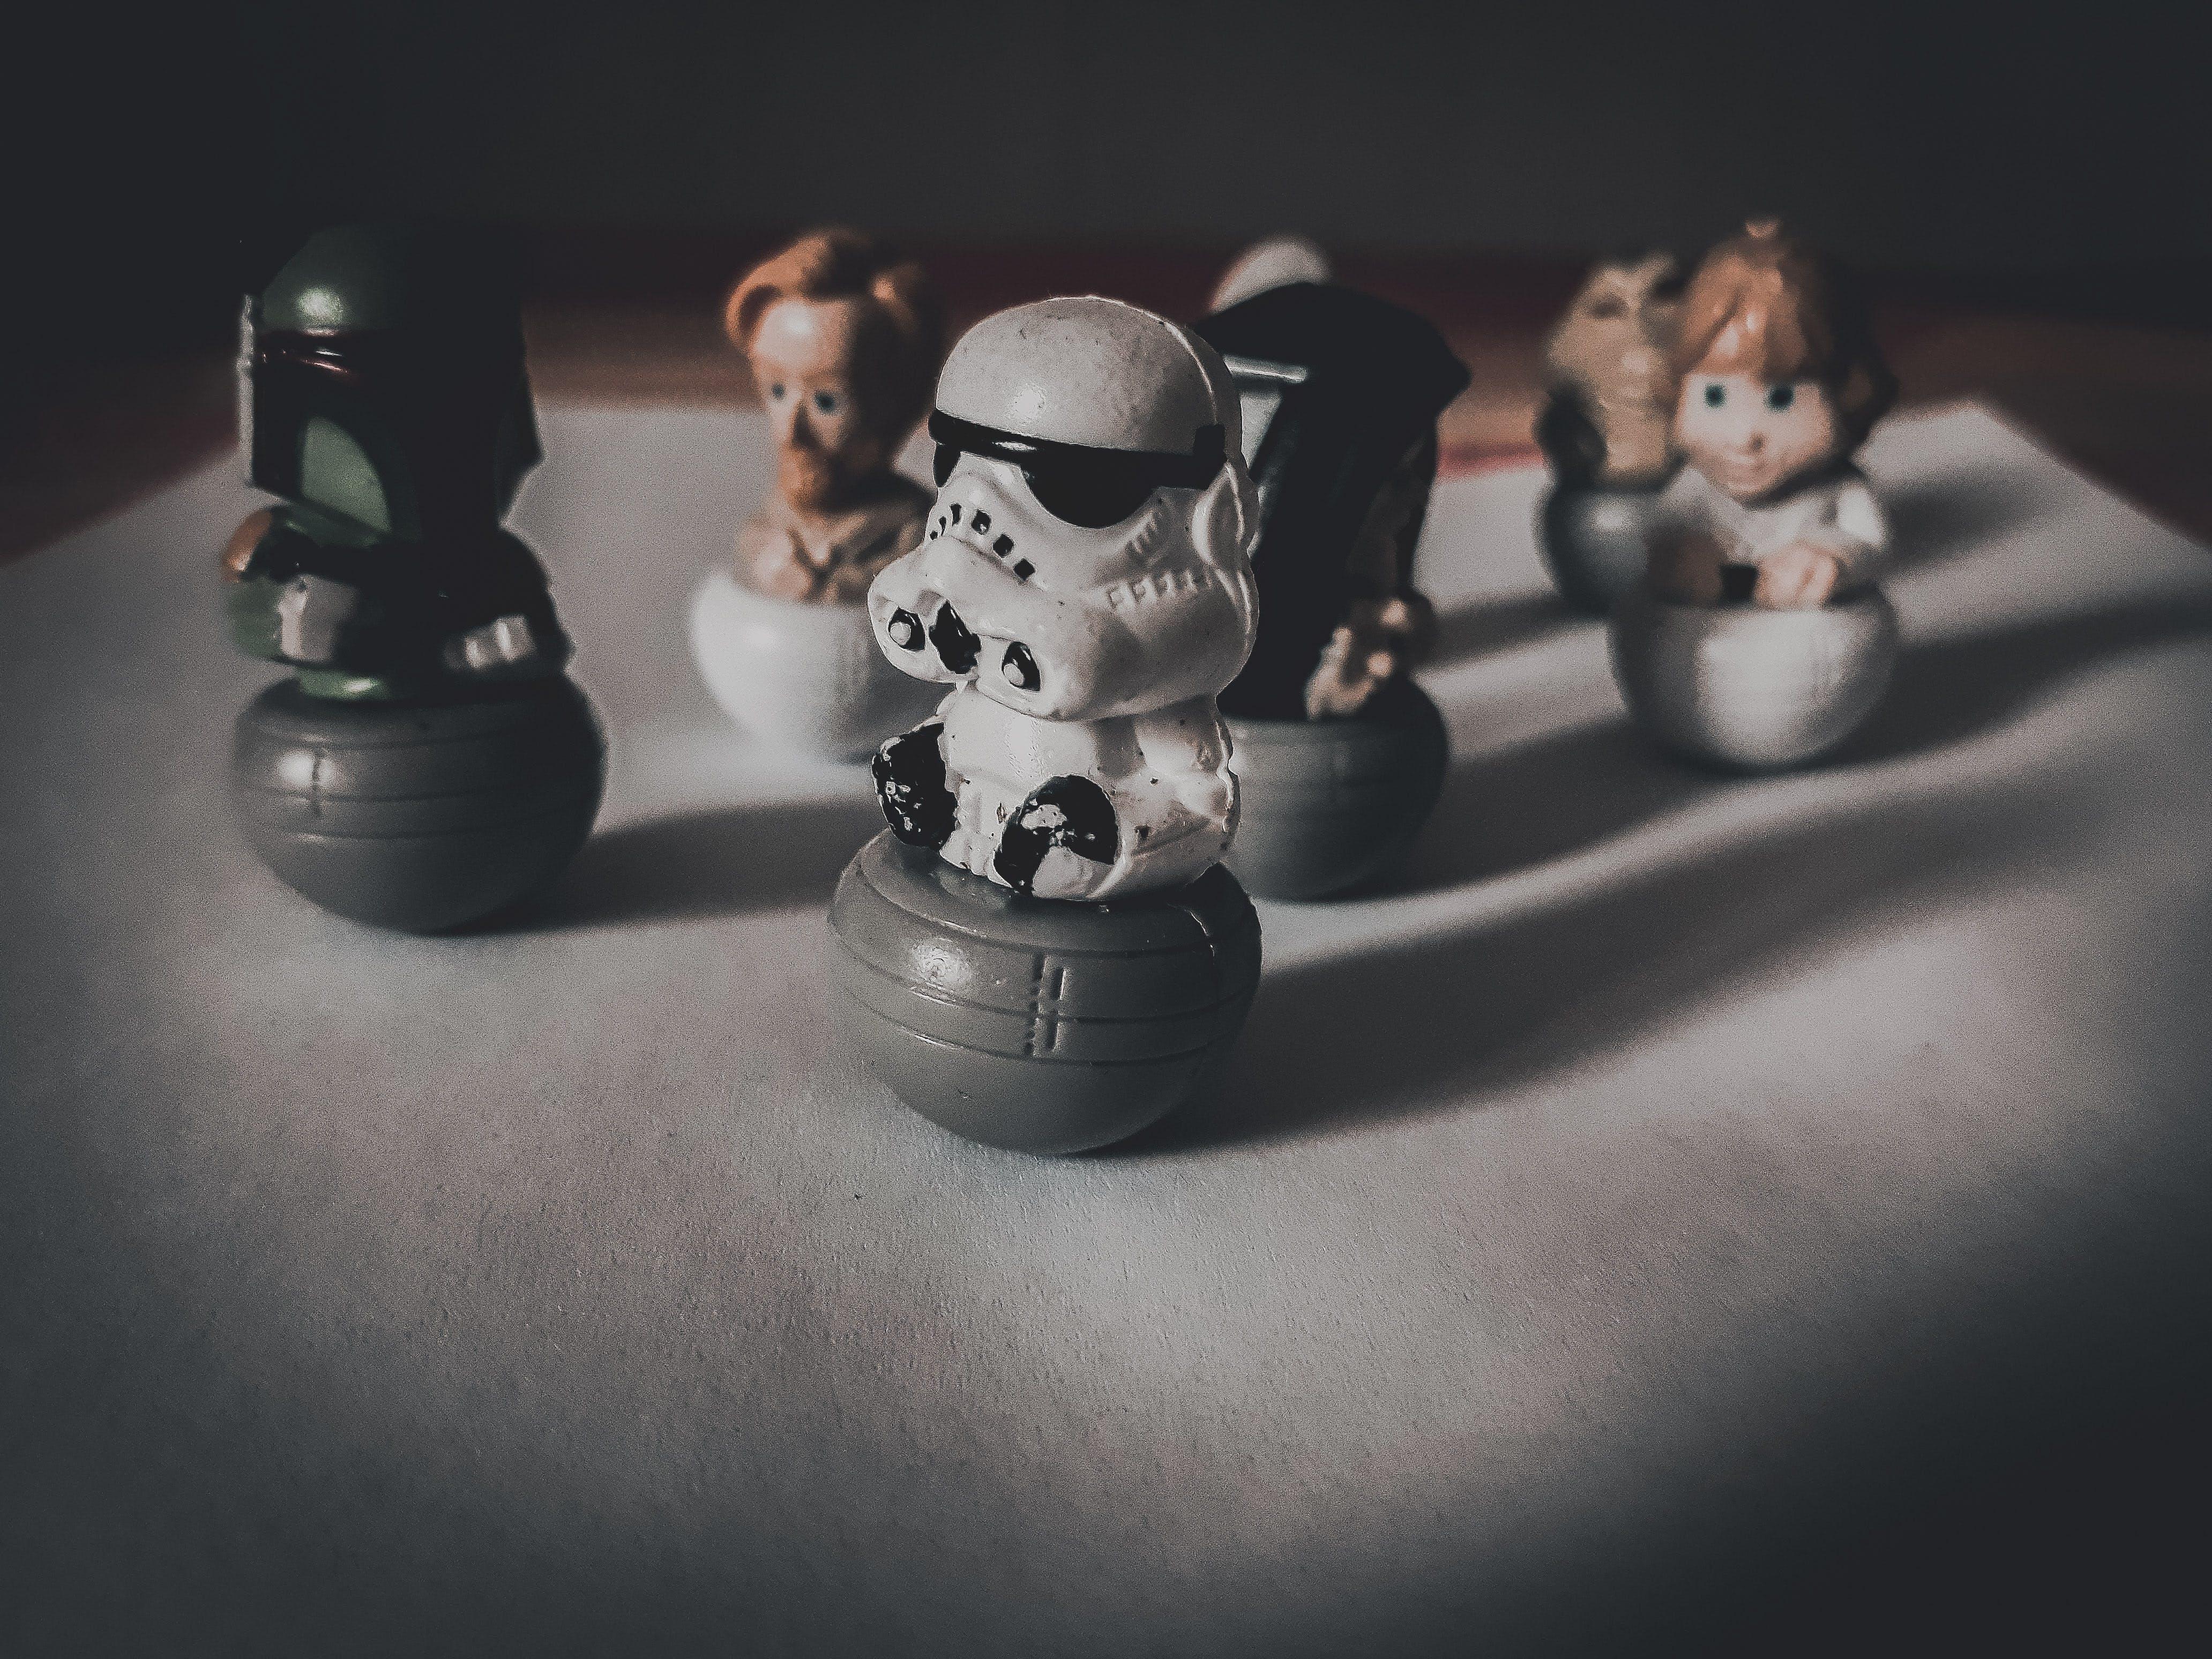 Δωρεάν στοκ φωτογραφιών με #minitoys #starwars #life